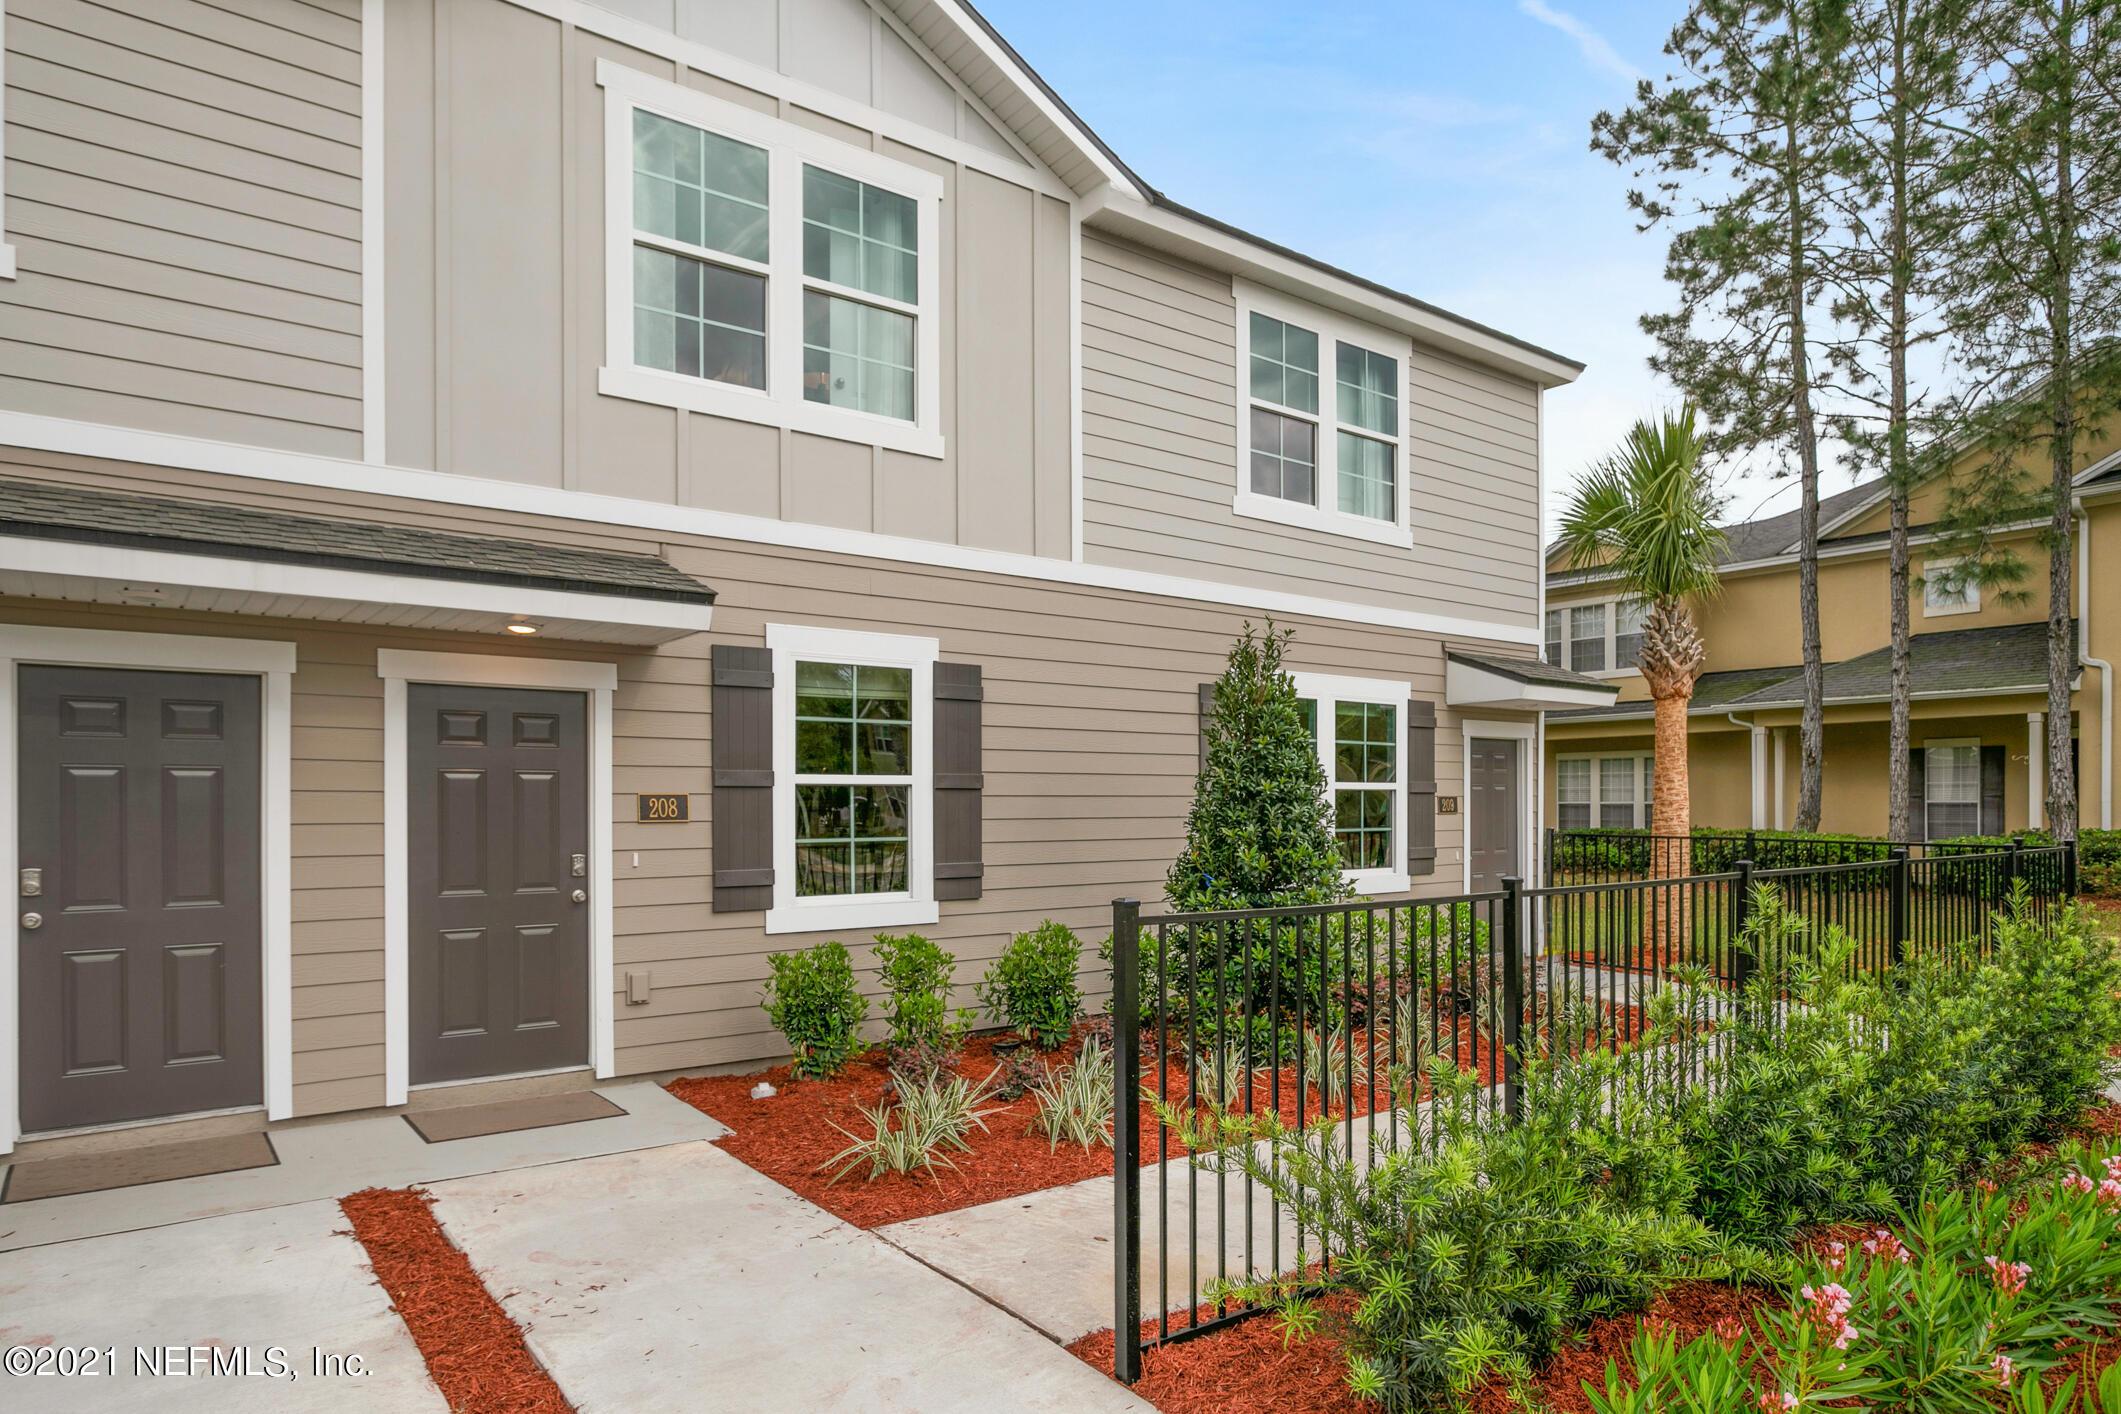 575 OAKLEAF PLANTATION, ORANGE PARK, FLORIDA 32065, 2 Bedrooms Bedrooms, ,2 BathroomsBathrooms,Residential,For sale,OAKLEAF PLANTATION,1096793